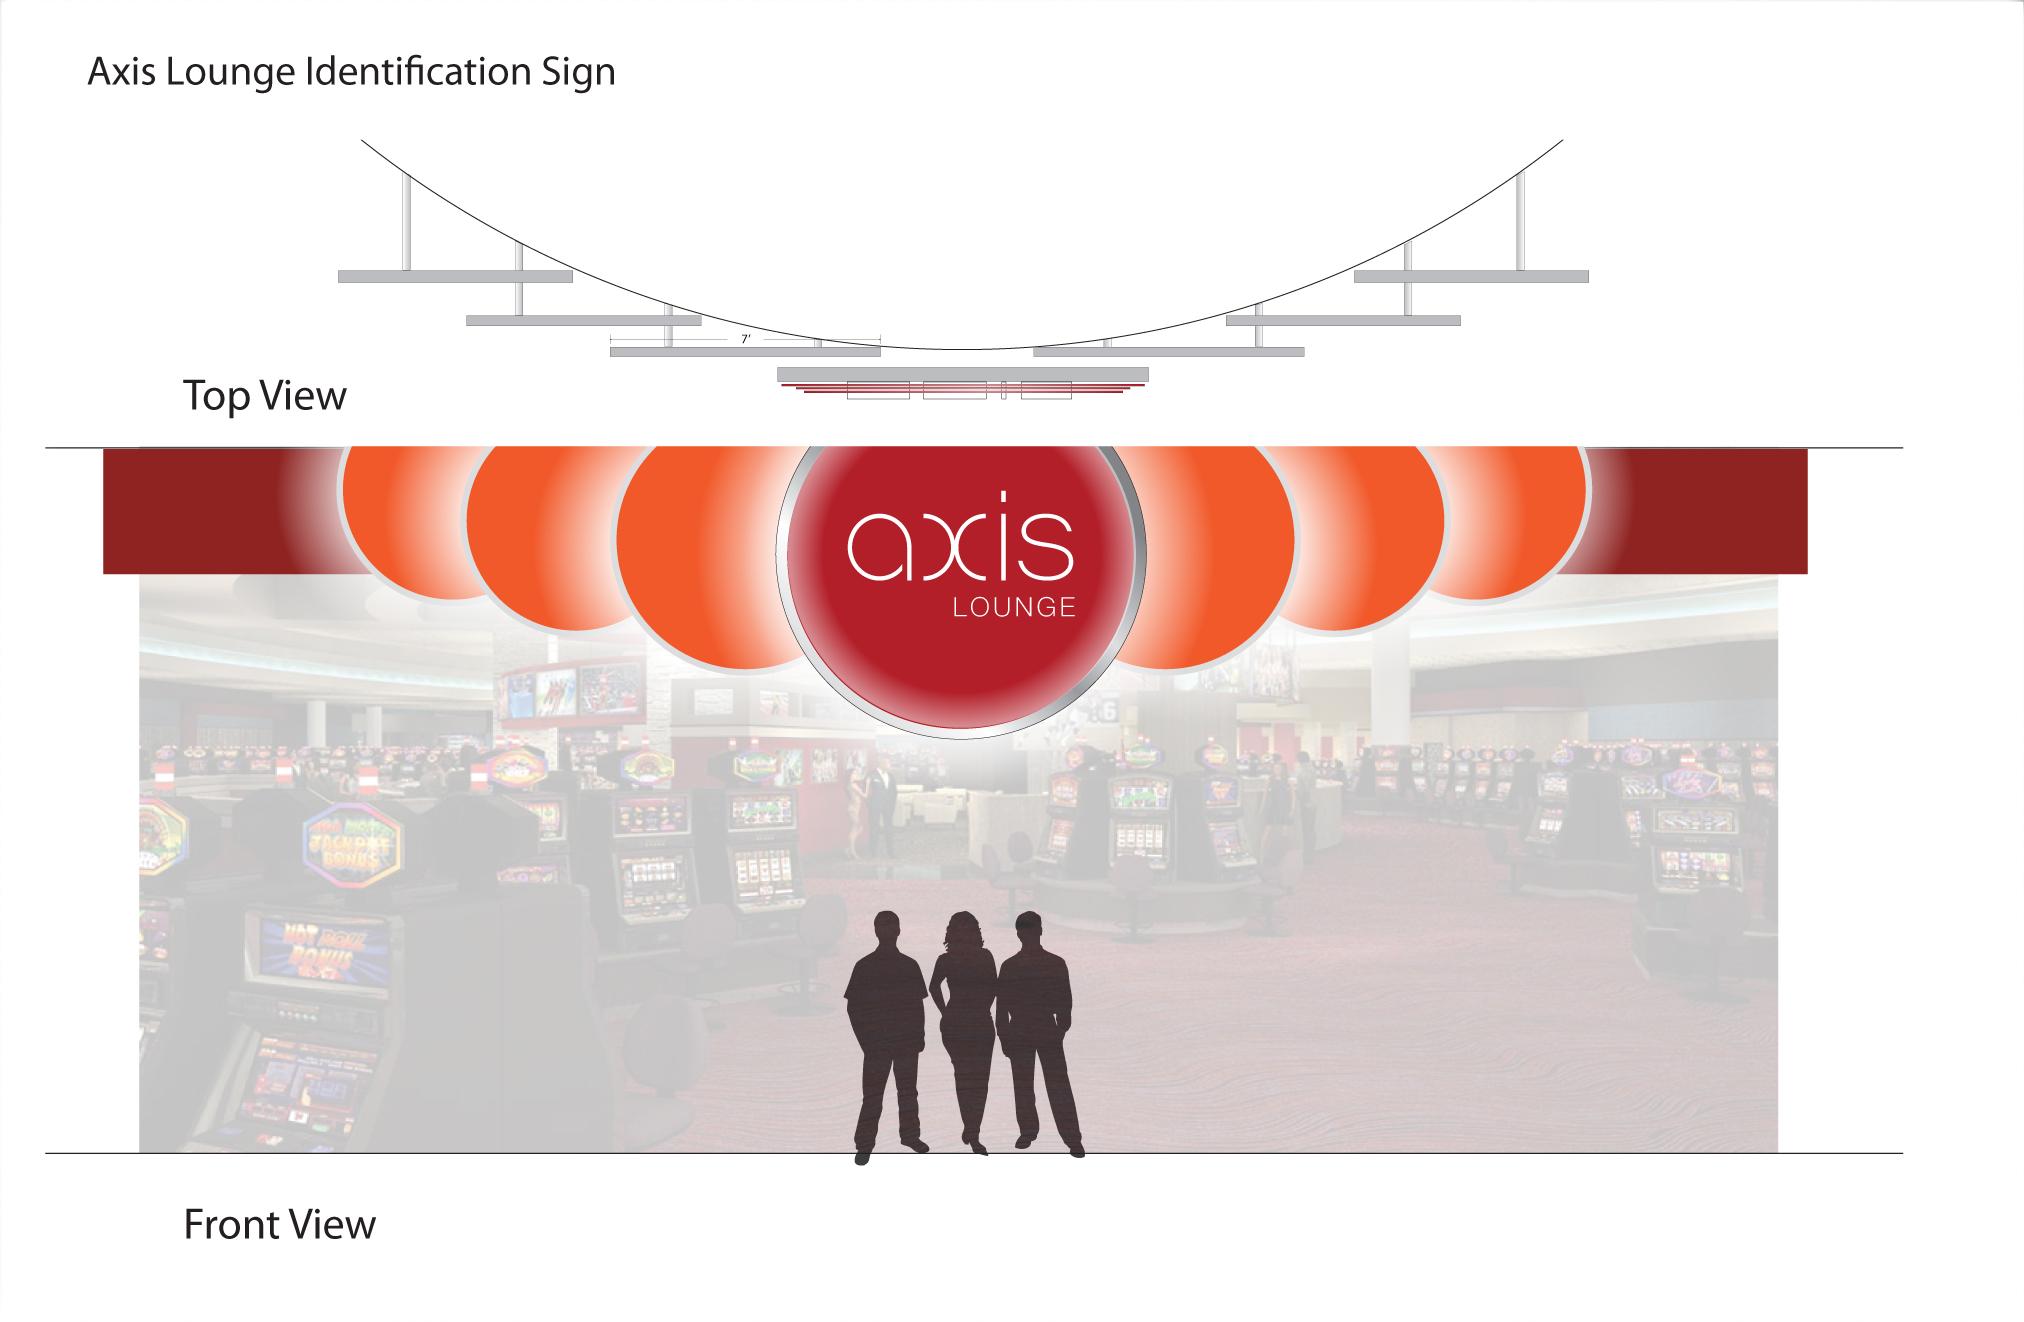 Casino Signage Design